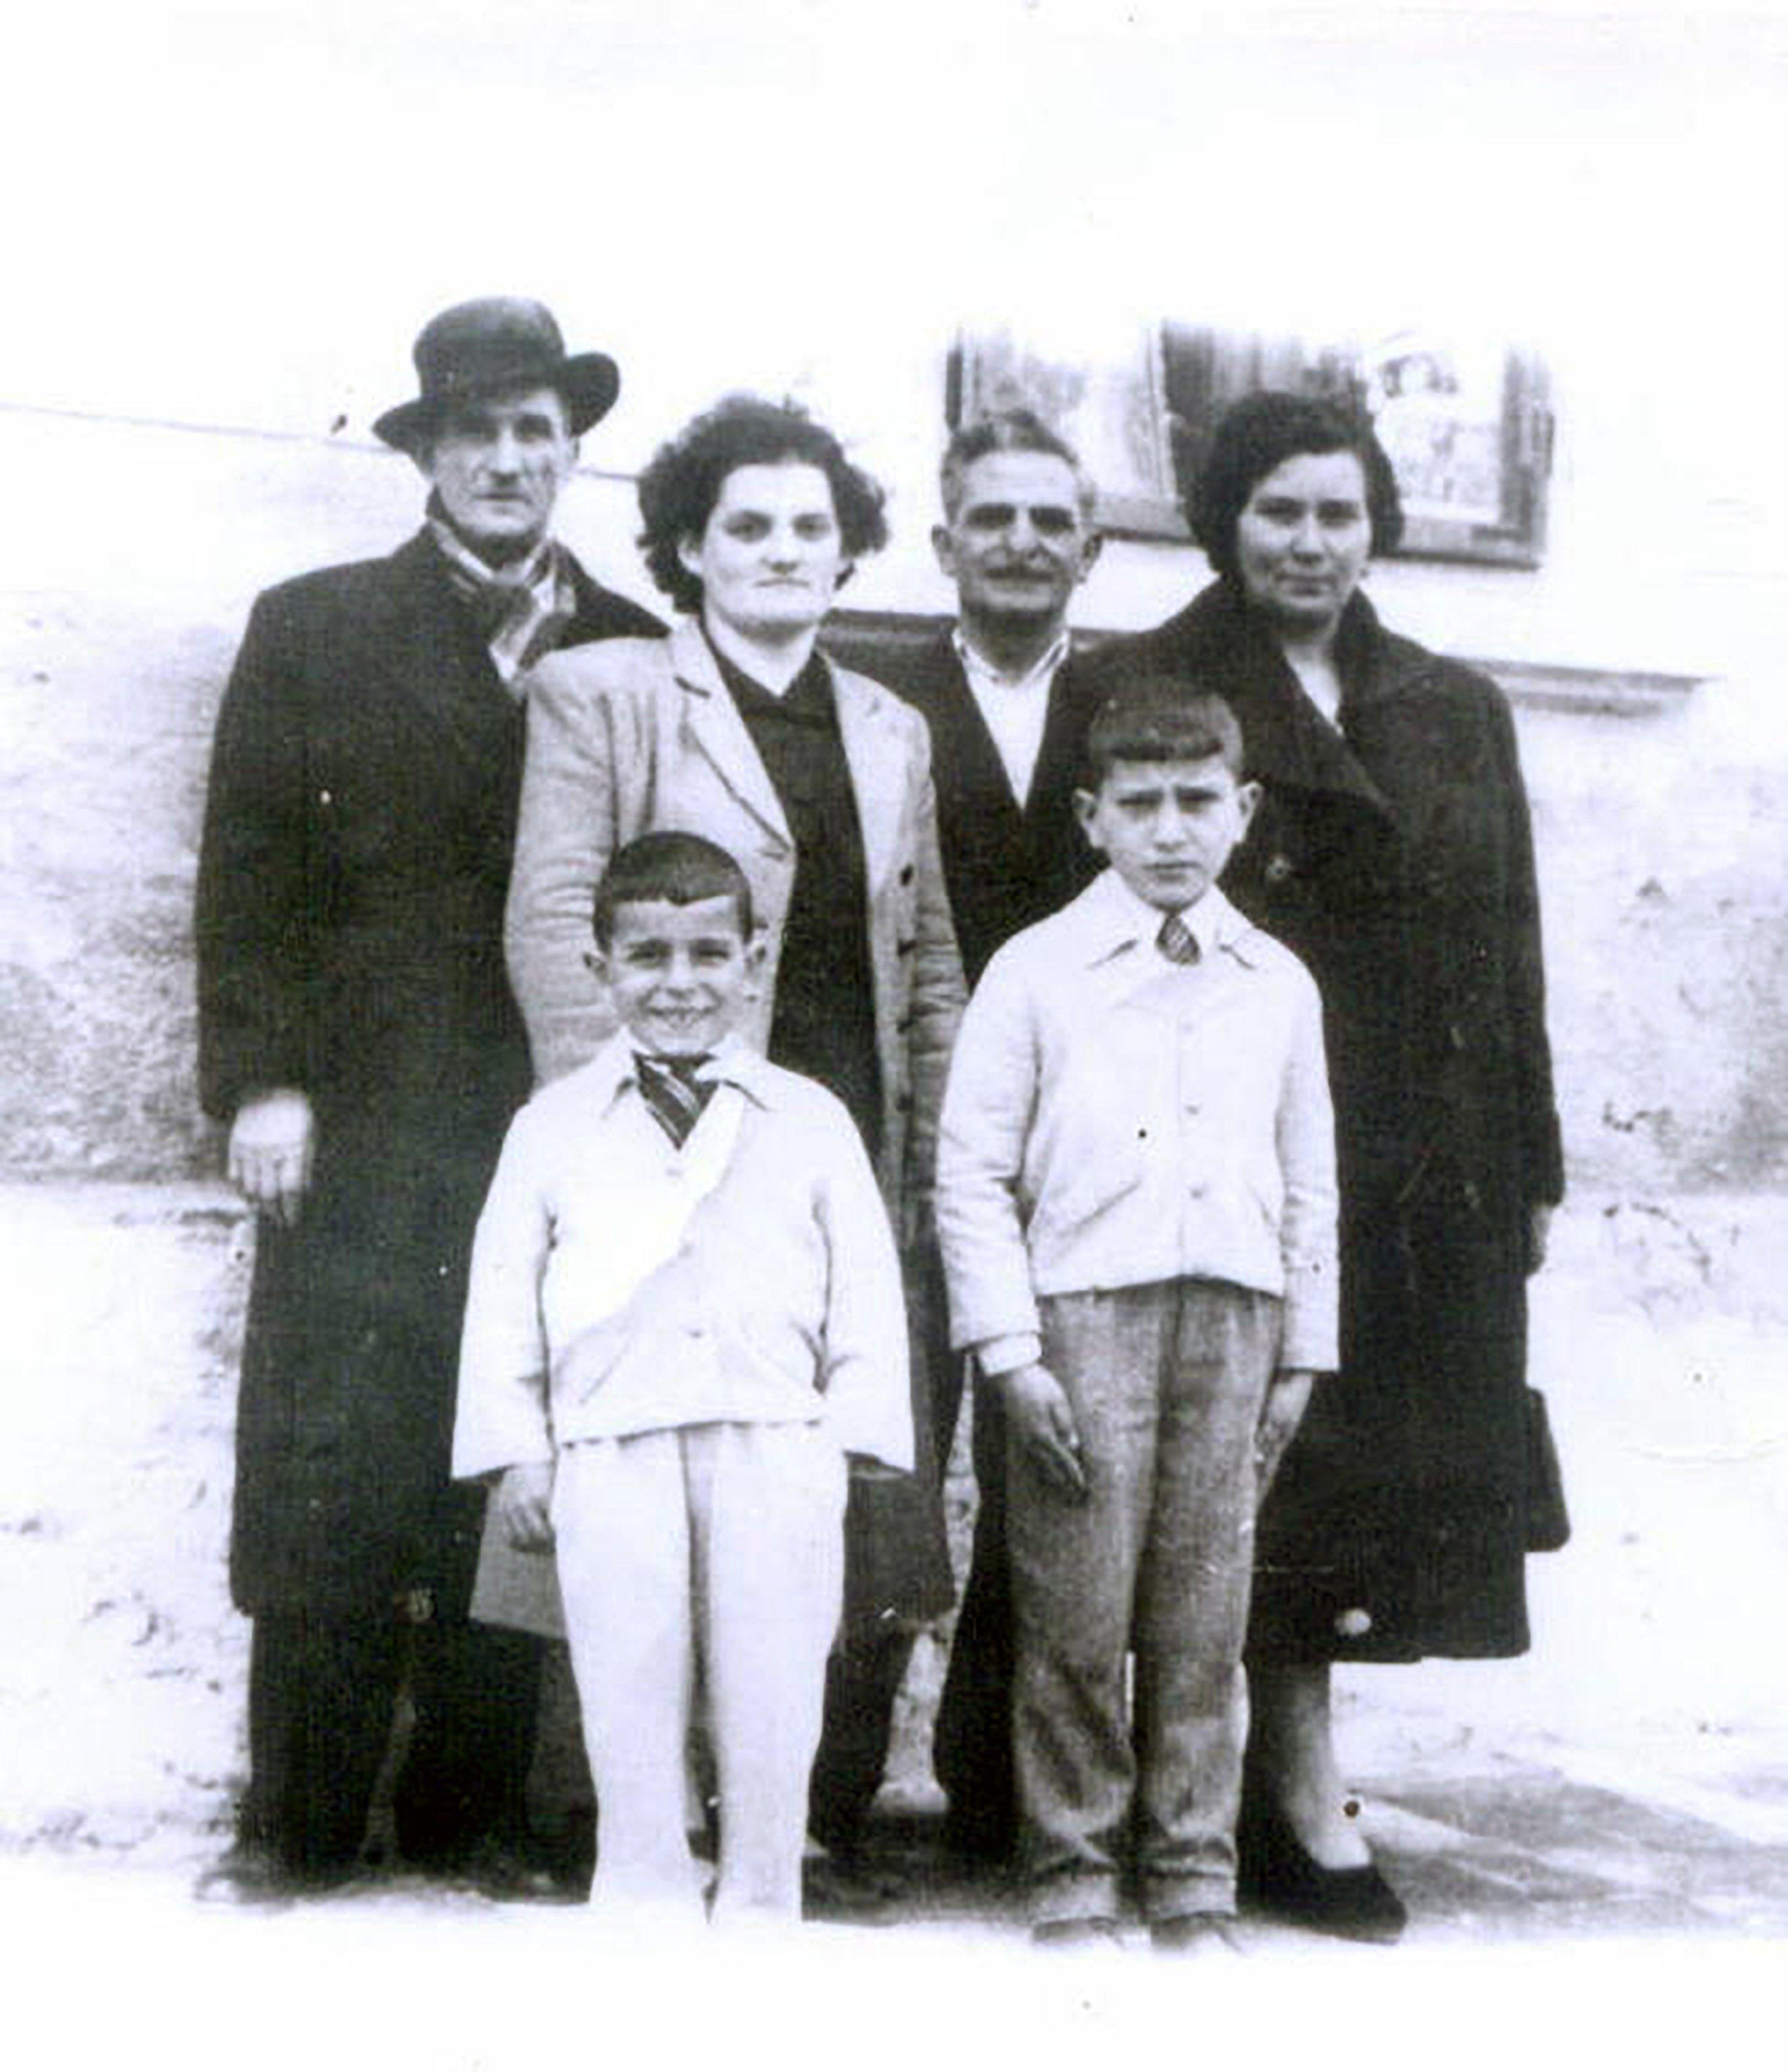 Poliksenija, Janis i sinovi sa prijateljima Grcima u Magliću